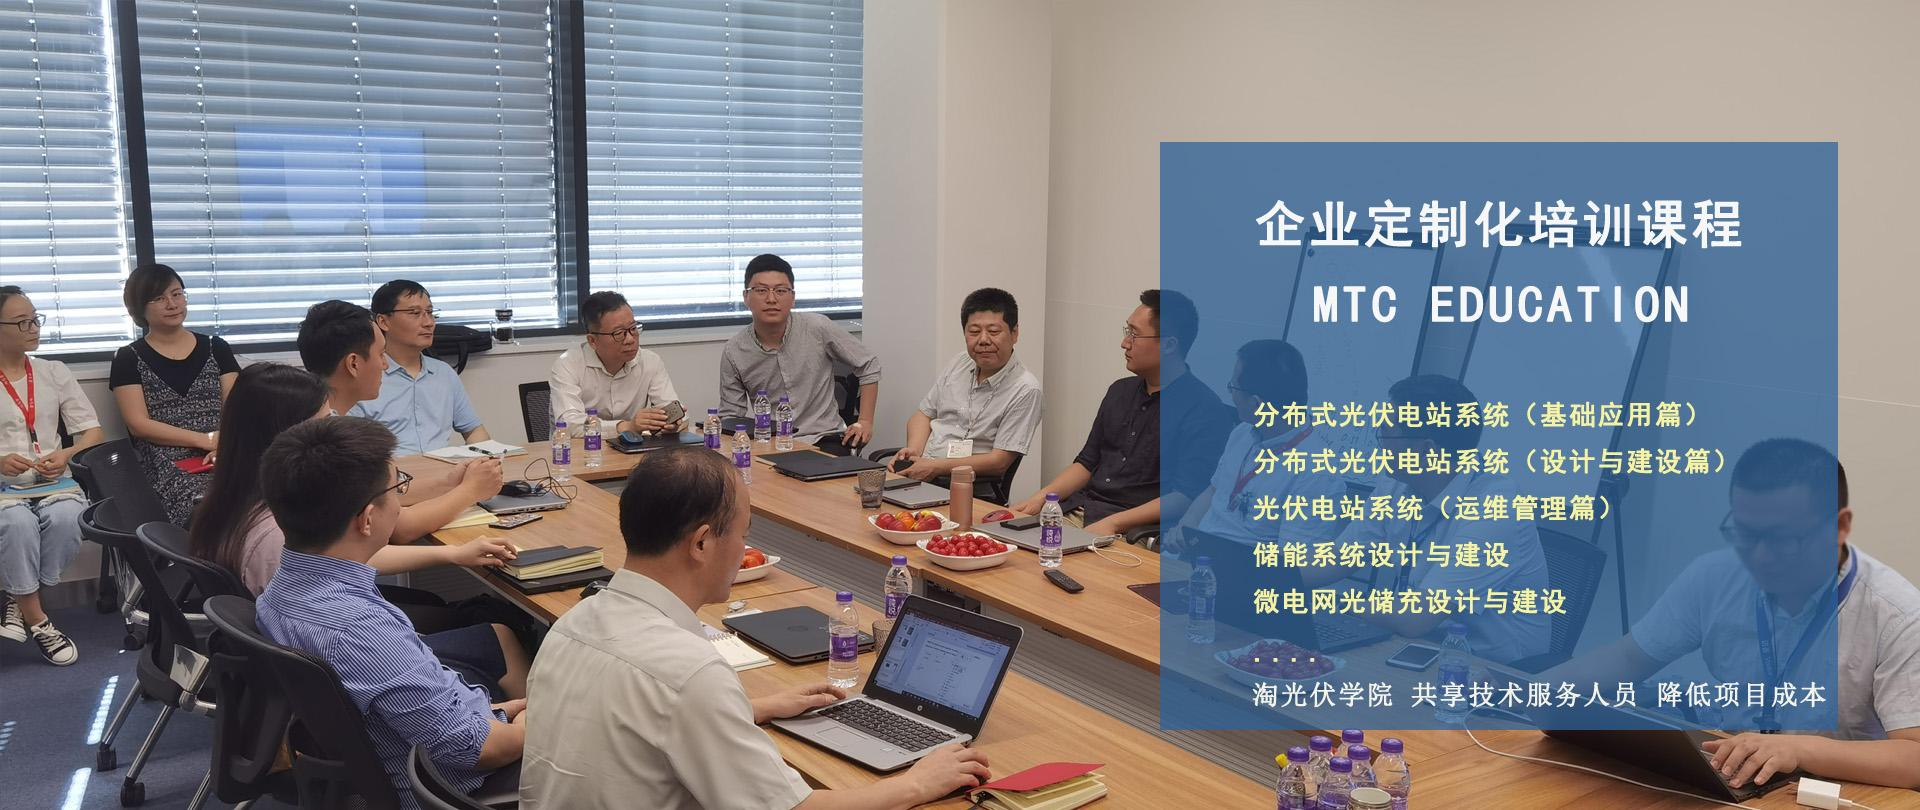 淘光伏提供共享技术人员  企业顾问 光伏定制化培训课程